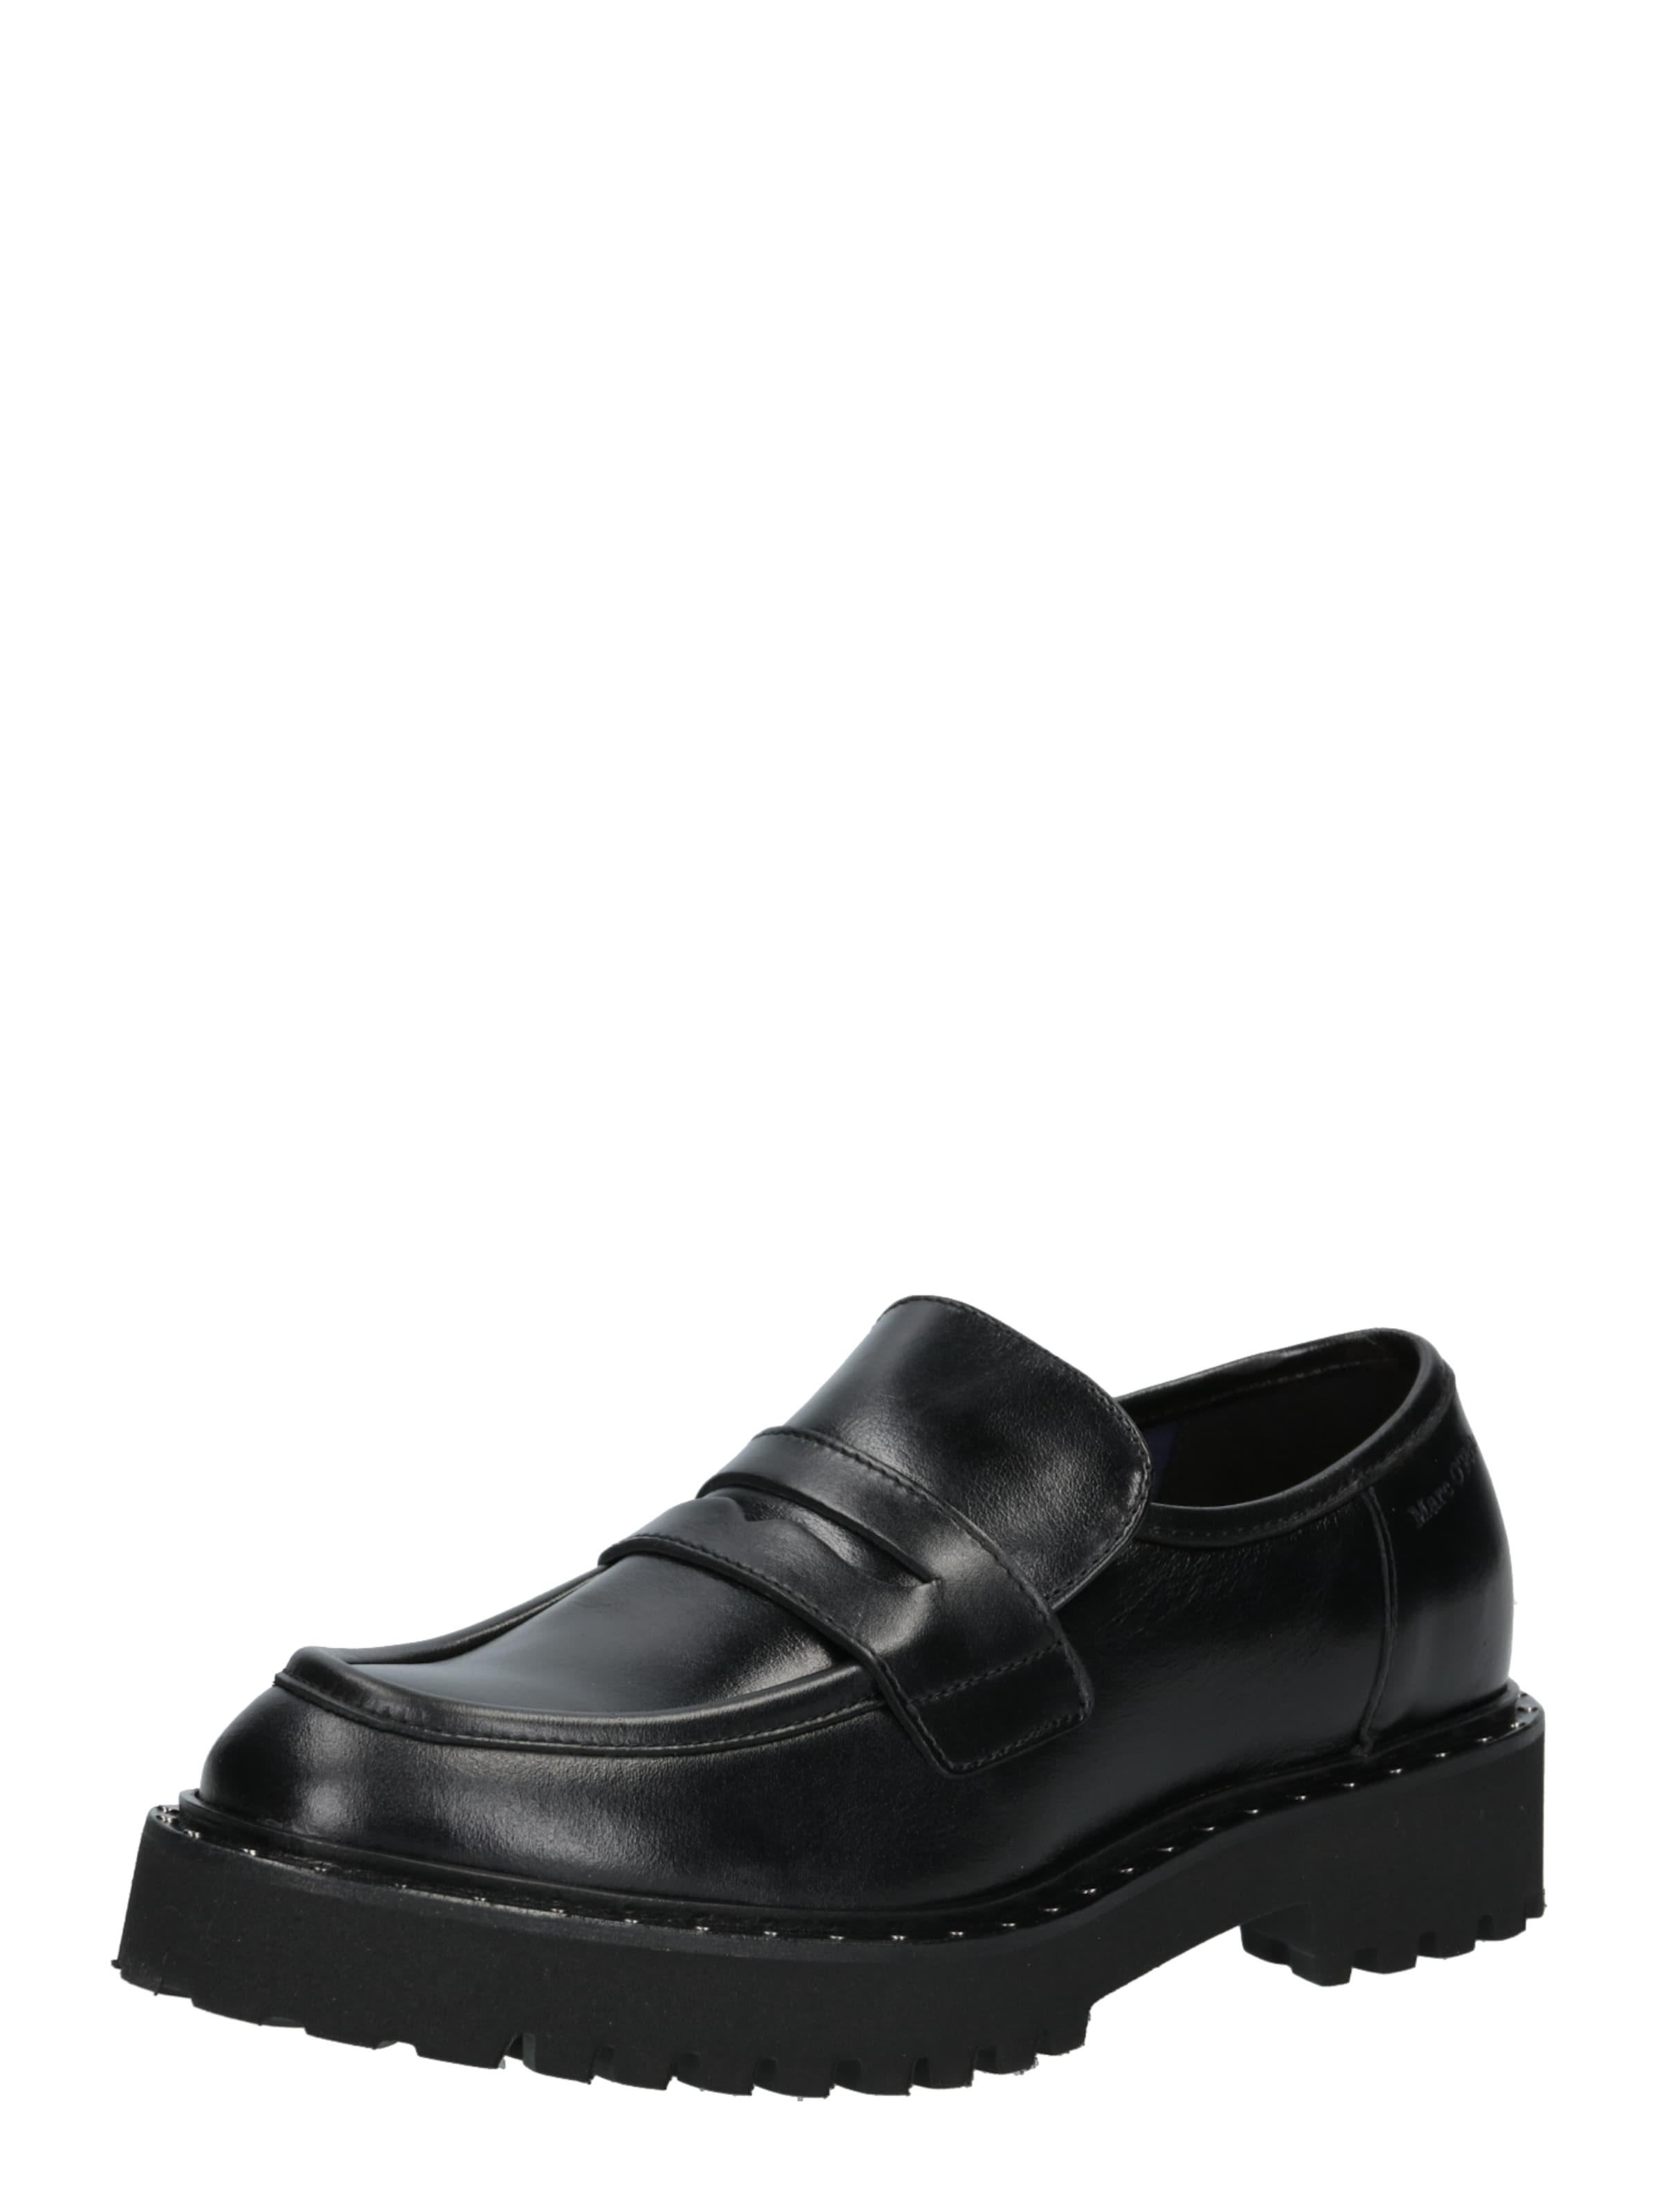 Marc O'Polo Halbschuhe 'Loafer' in schwarz